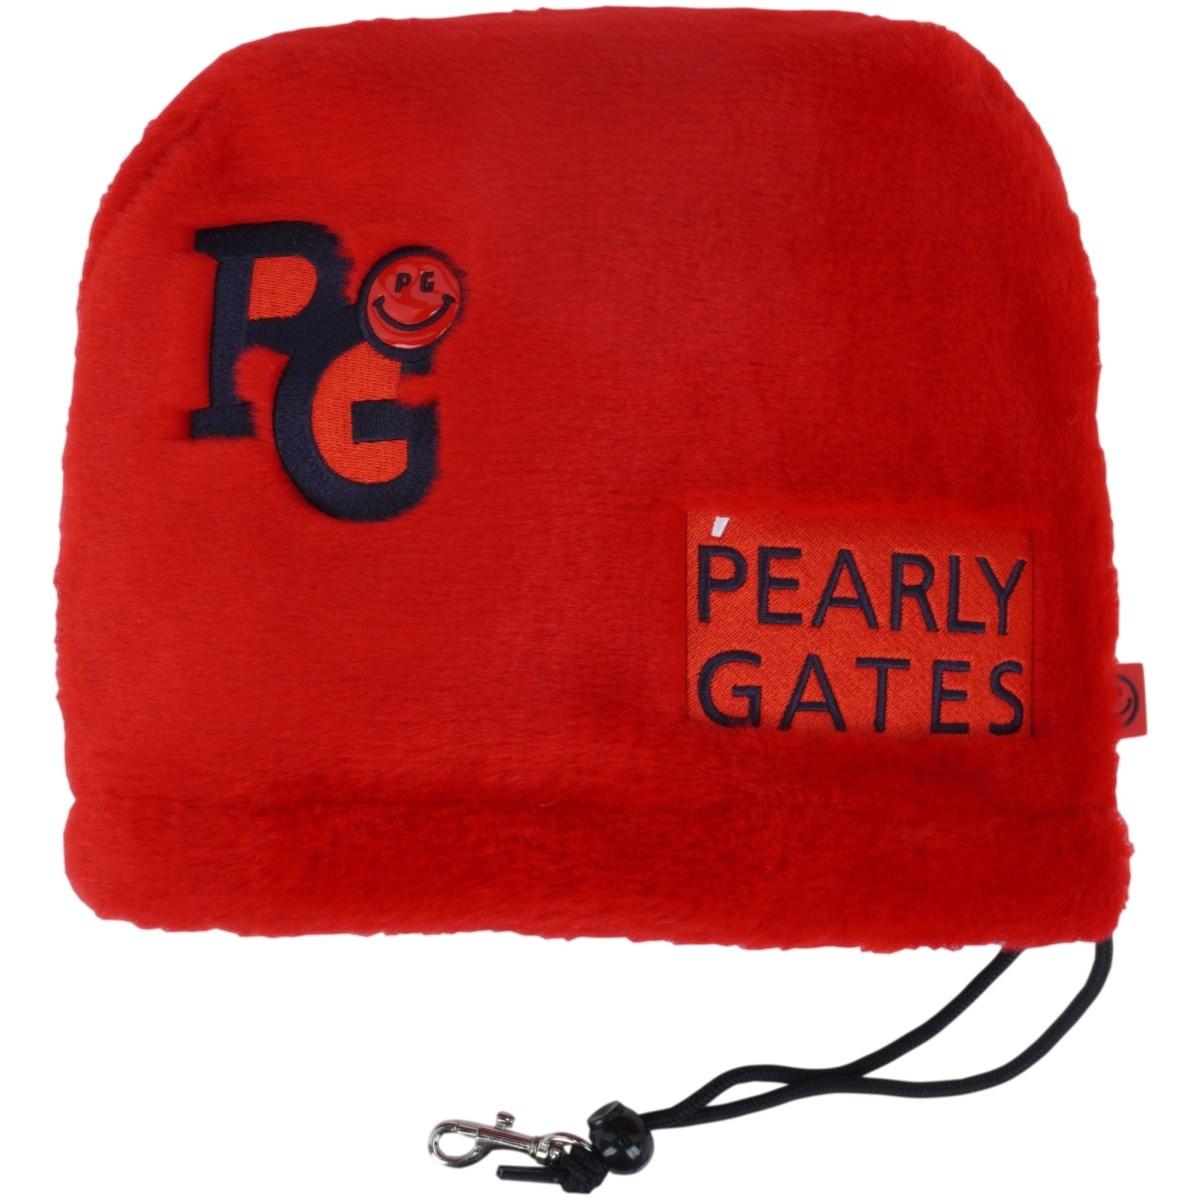 [定番モデル] パーリーゲイツ PEARLY GATES ボア アイアンカバー レッド 100 メンズ ゴルフ